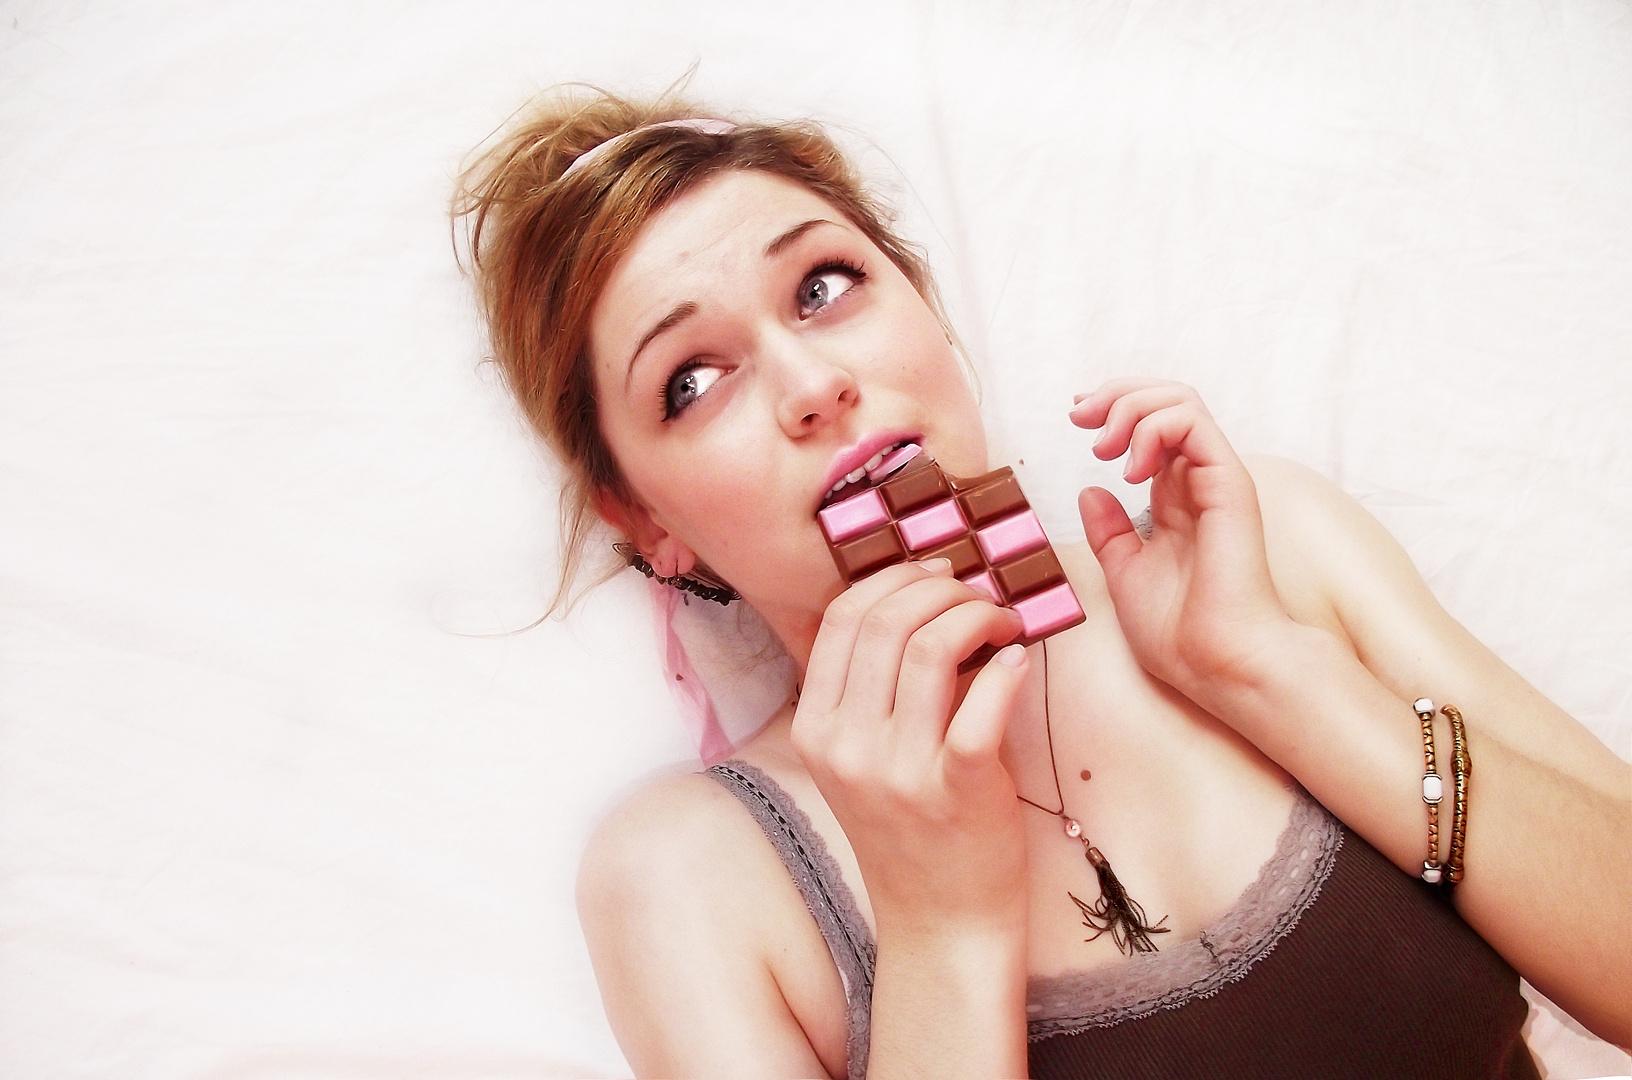 Chocolate Ann